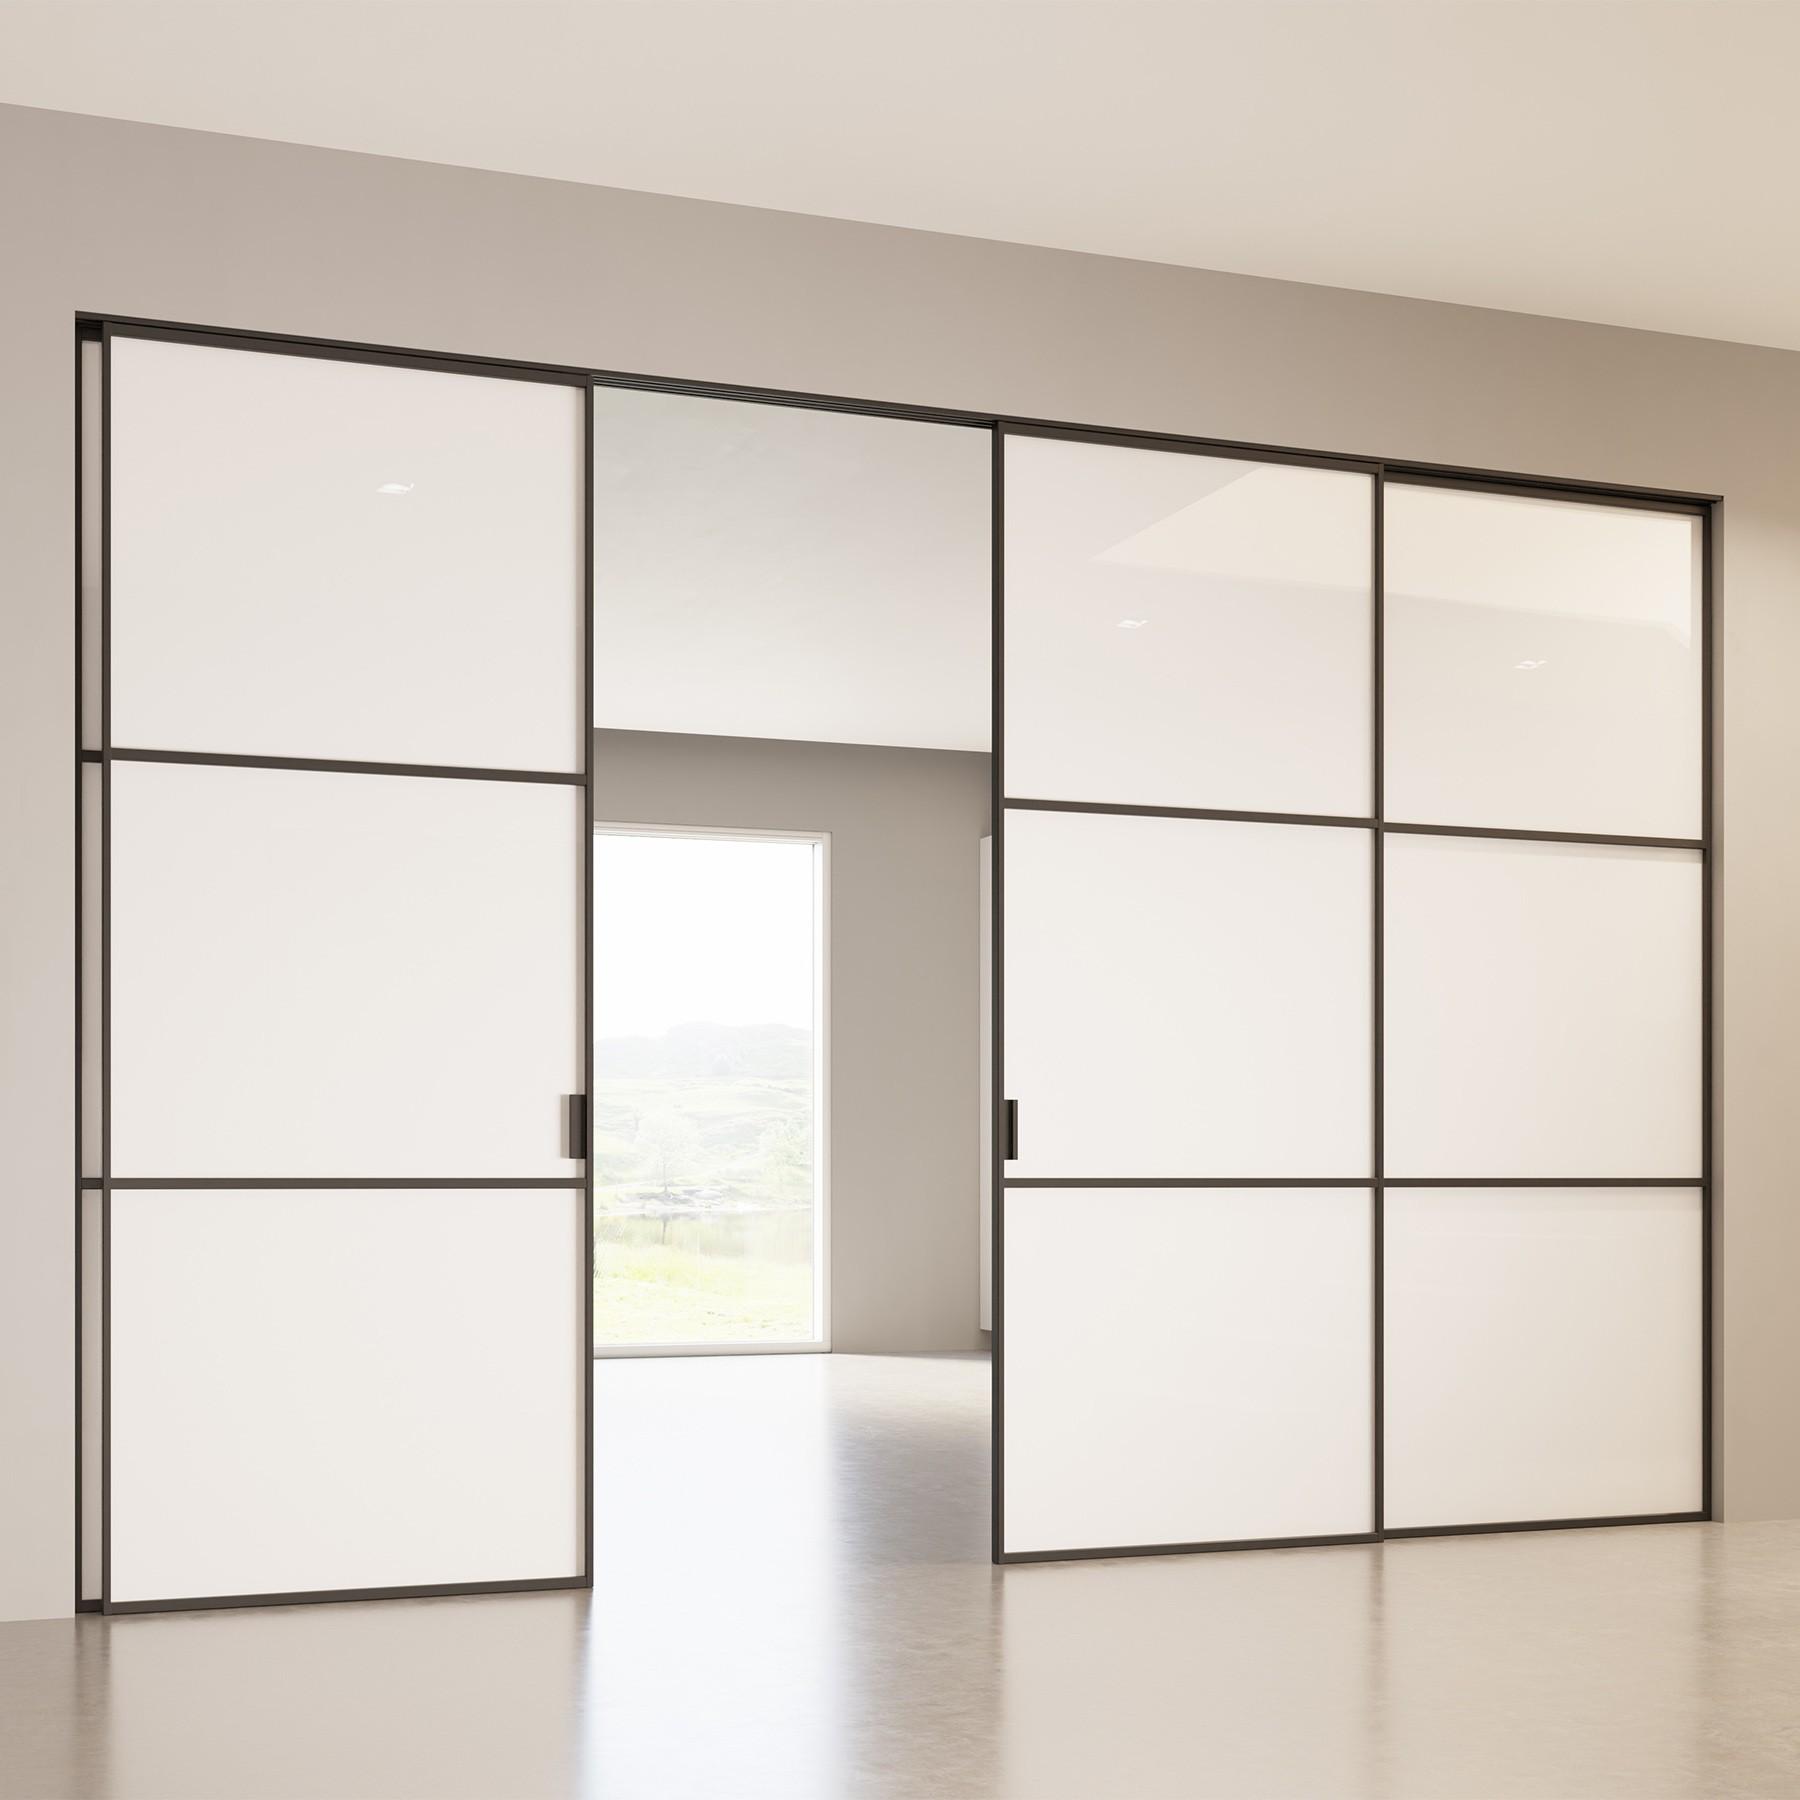 Scenario Delineo / 2 with Glossy white glass